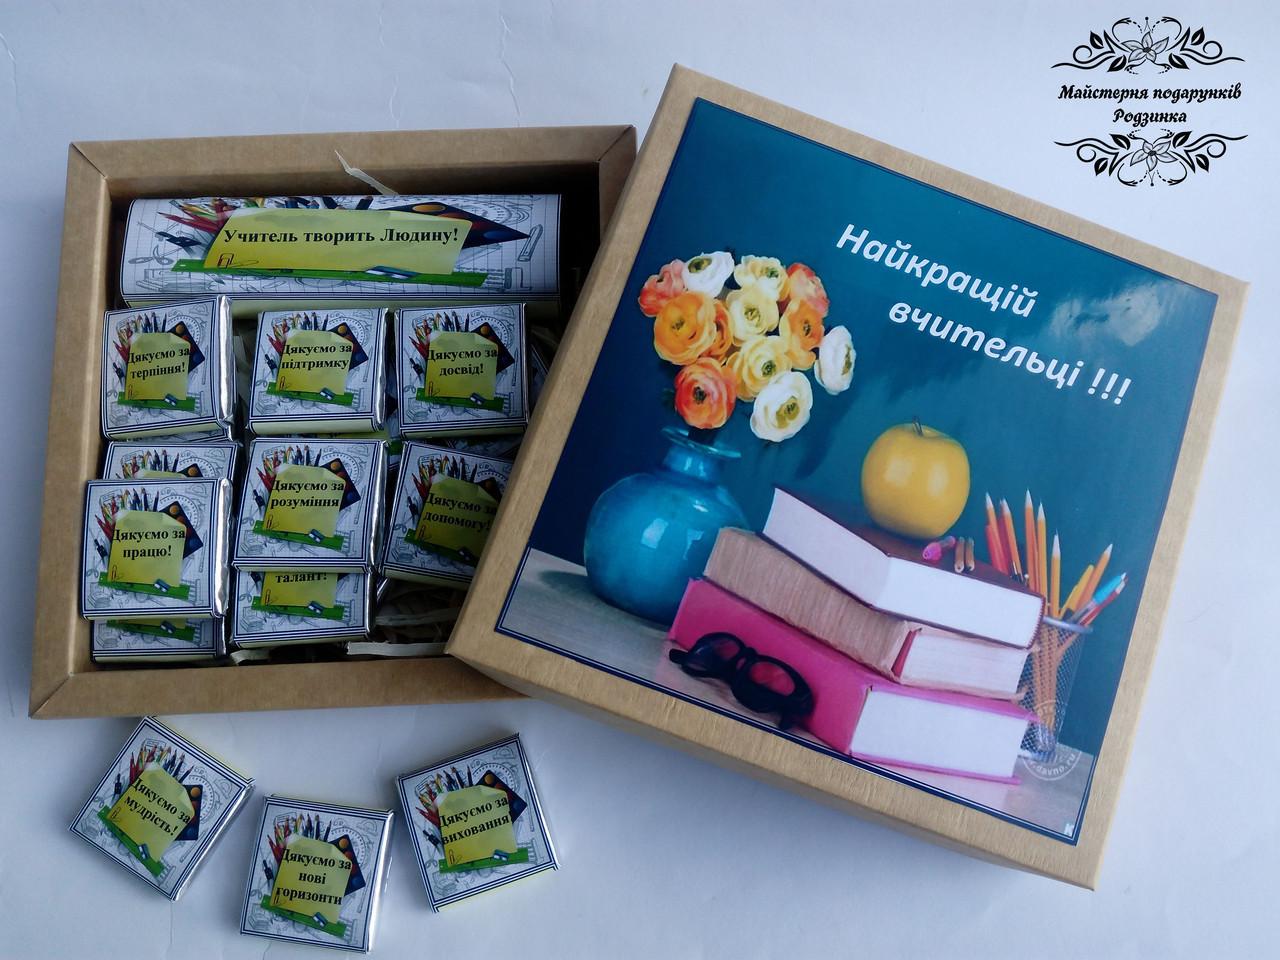 """Шоколадний набір """"Найкращій вчительці"""" 120 грам. Подарунок вчительці на День вчителя,випускний,День знань"""